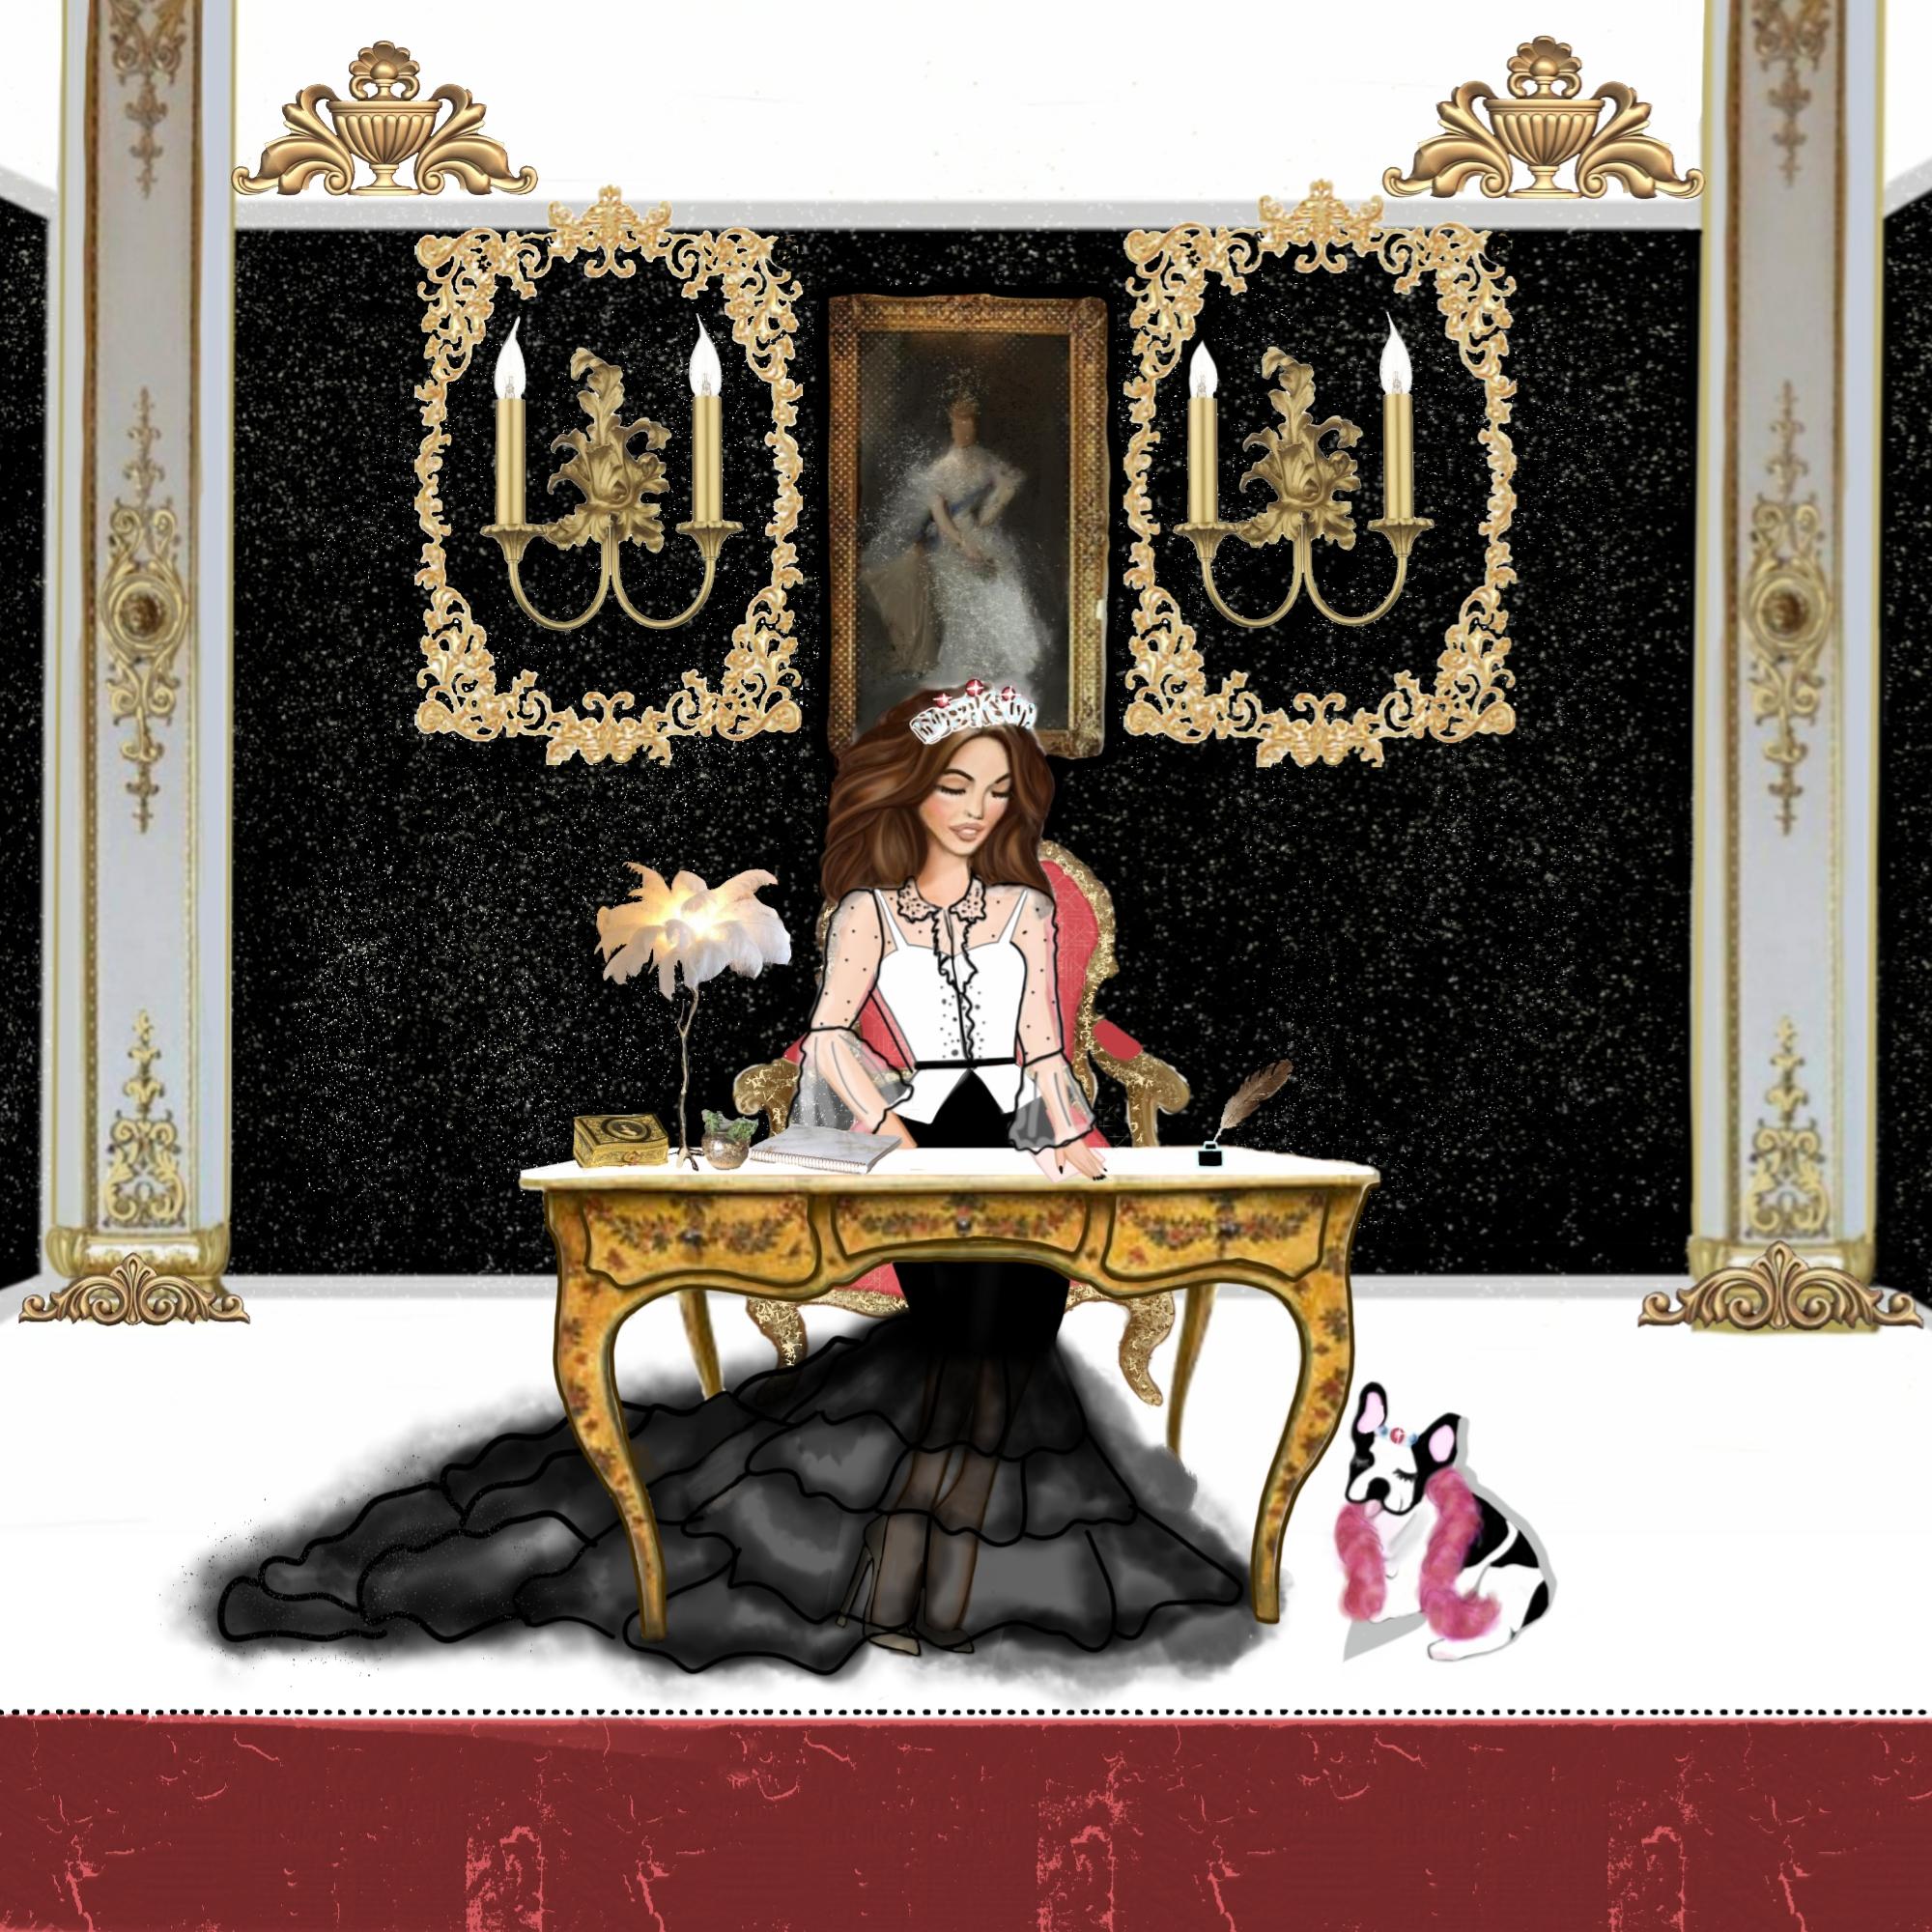 Princess at palace desk